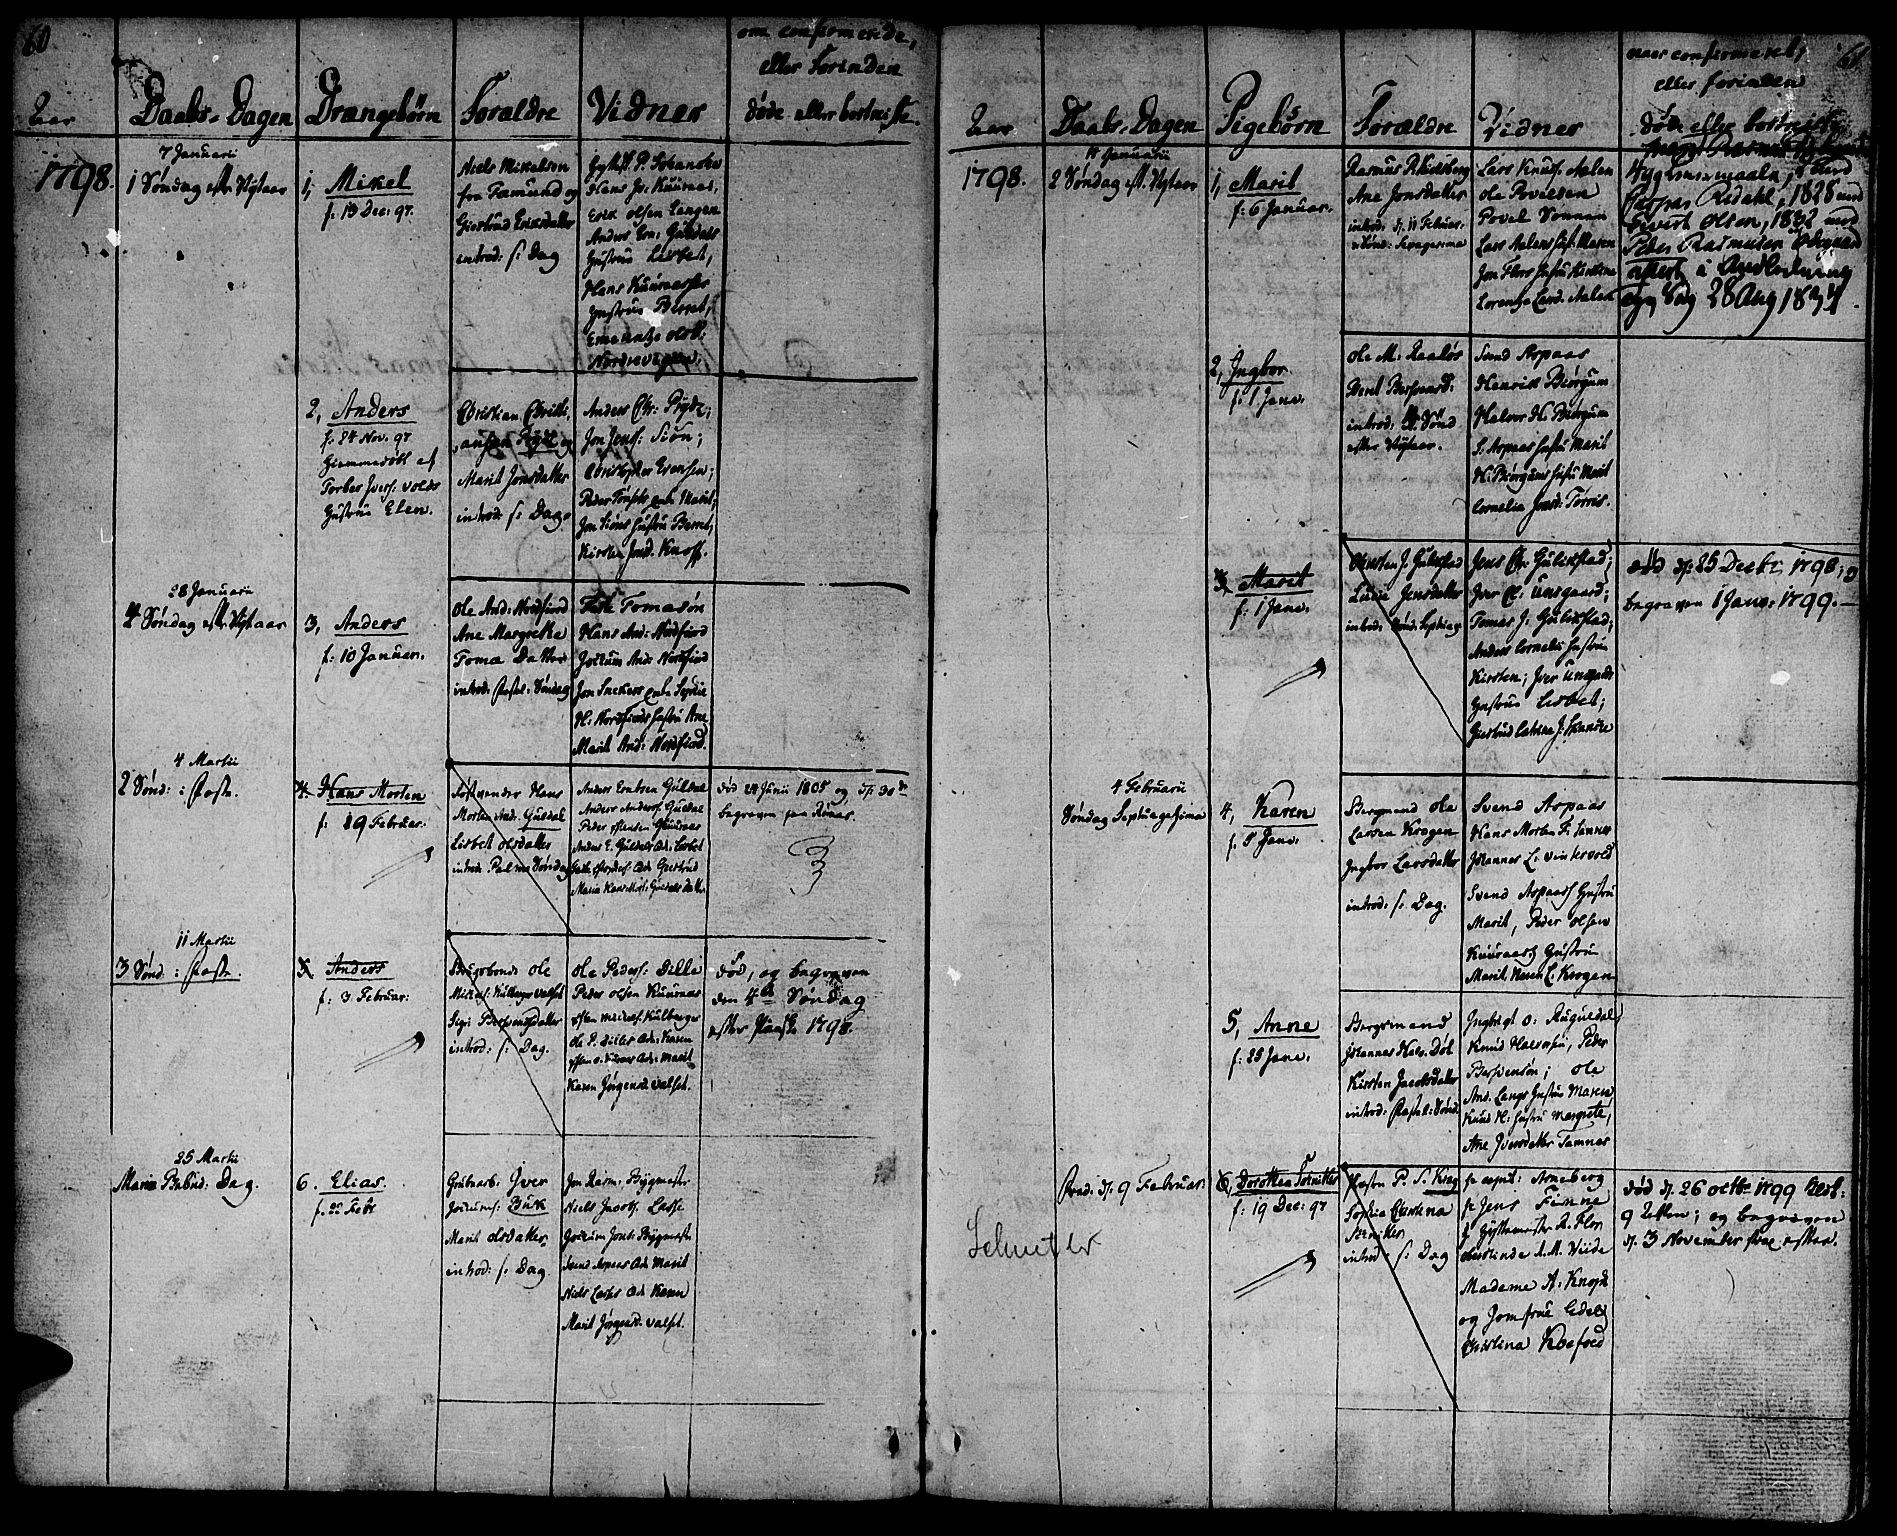 SAT, Ministerialprotokoller, klokkerbøker og fødselsregistre - Sør-Trøndelag, 681/L0927: Ministerialbok nr. 681A05, 1798-1808, s. 60-61